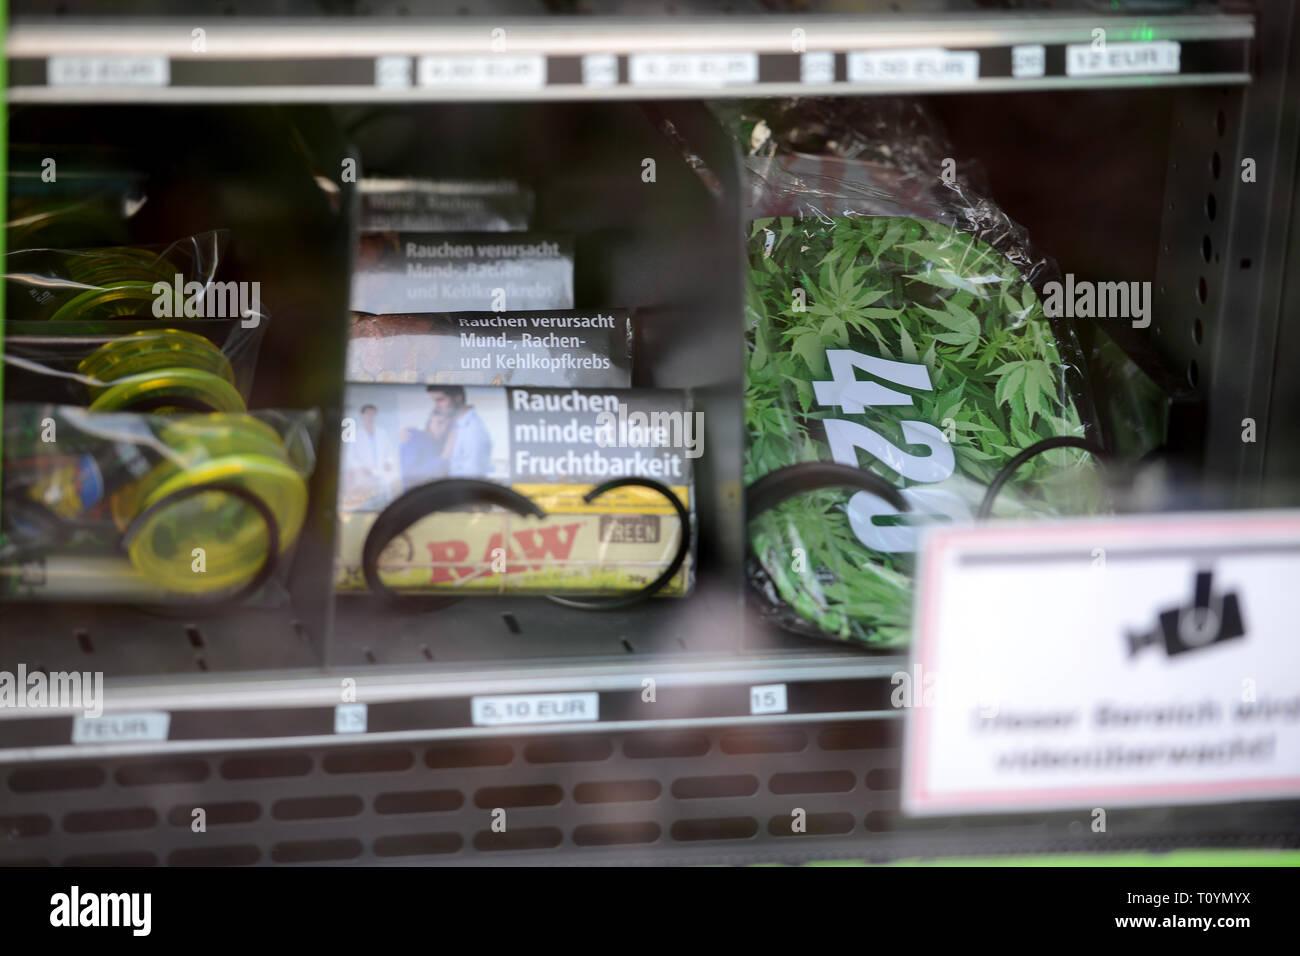 Trier, Deutschland. 21 Mär, 2019. Gepresst und getrocknet Cannabis Blüten im Beutel sowie Perlen in Kunststoffkästen sowie alle Arten von Zubehör für den Kauf in einem Cannabis Automaten verfügbar sind. Diese sind Hanf Produkte mit dem Wirkstoff CBD (Cannabidiol), die als kaum psychoaktive zu sein. Credit: Harald Tittel/dpa/Alamy leben Nachrichten Stockfoto